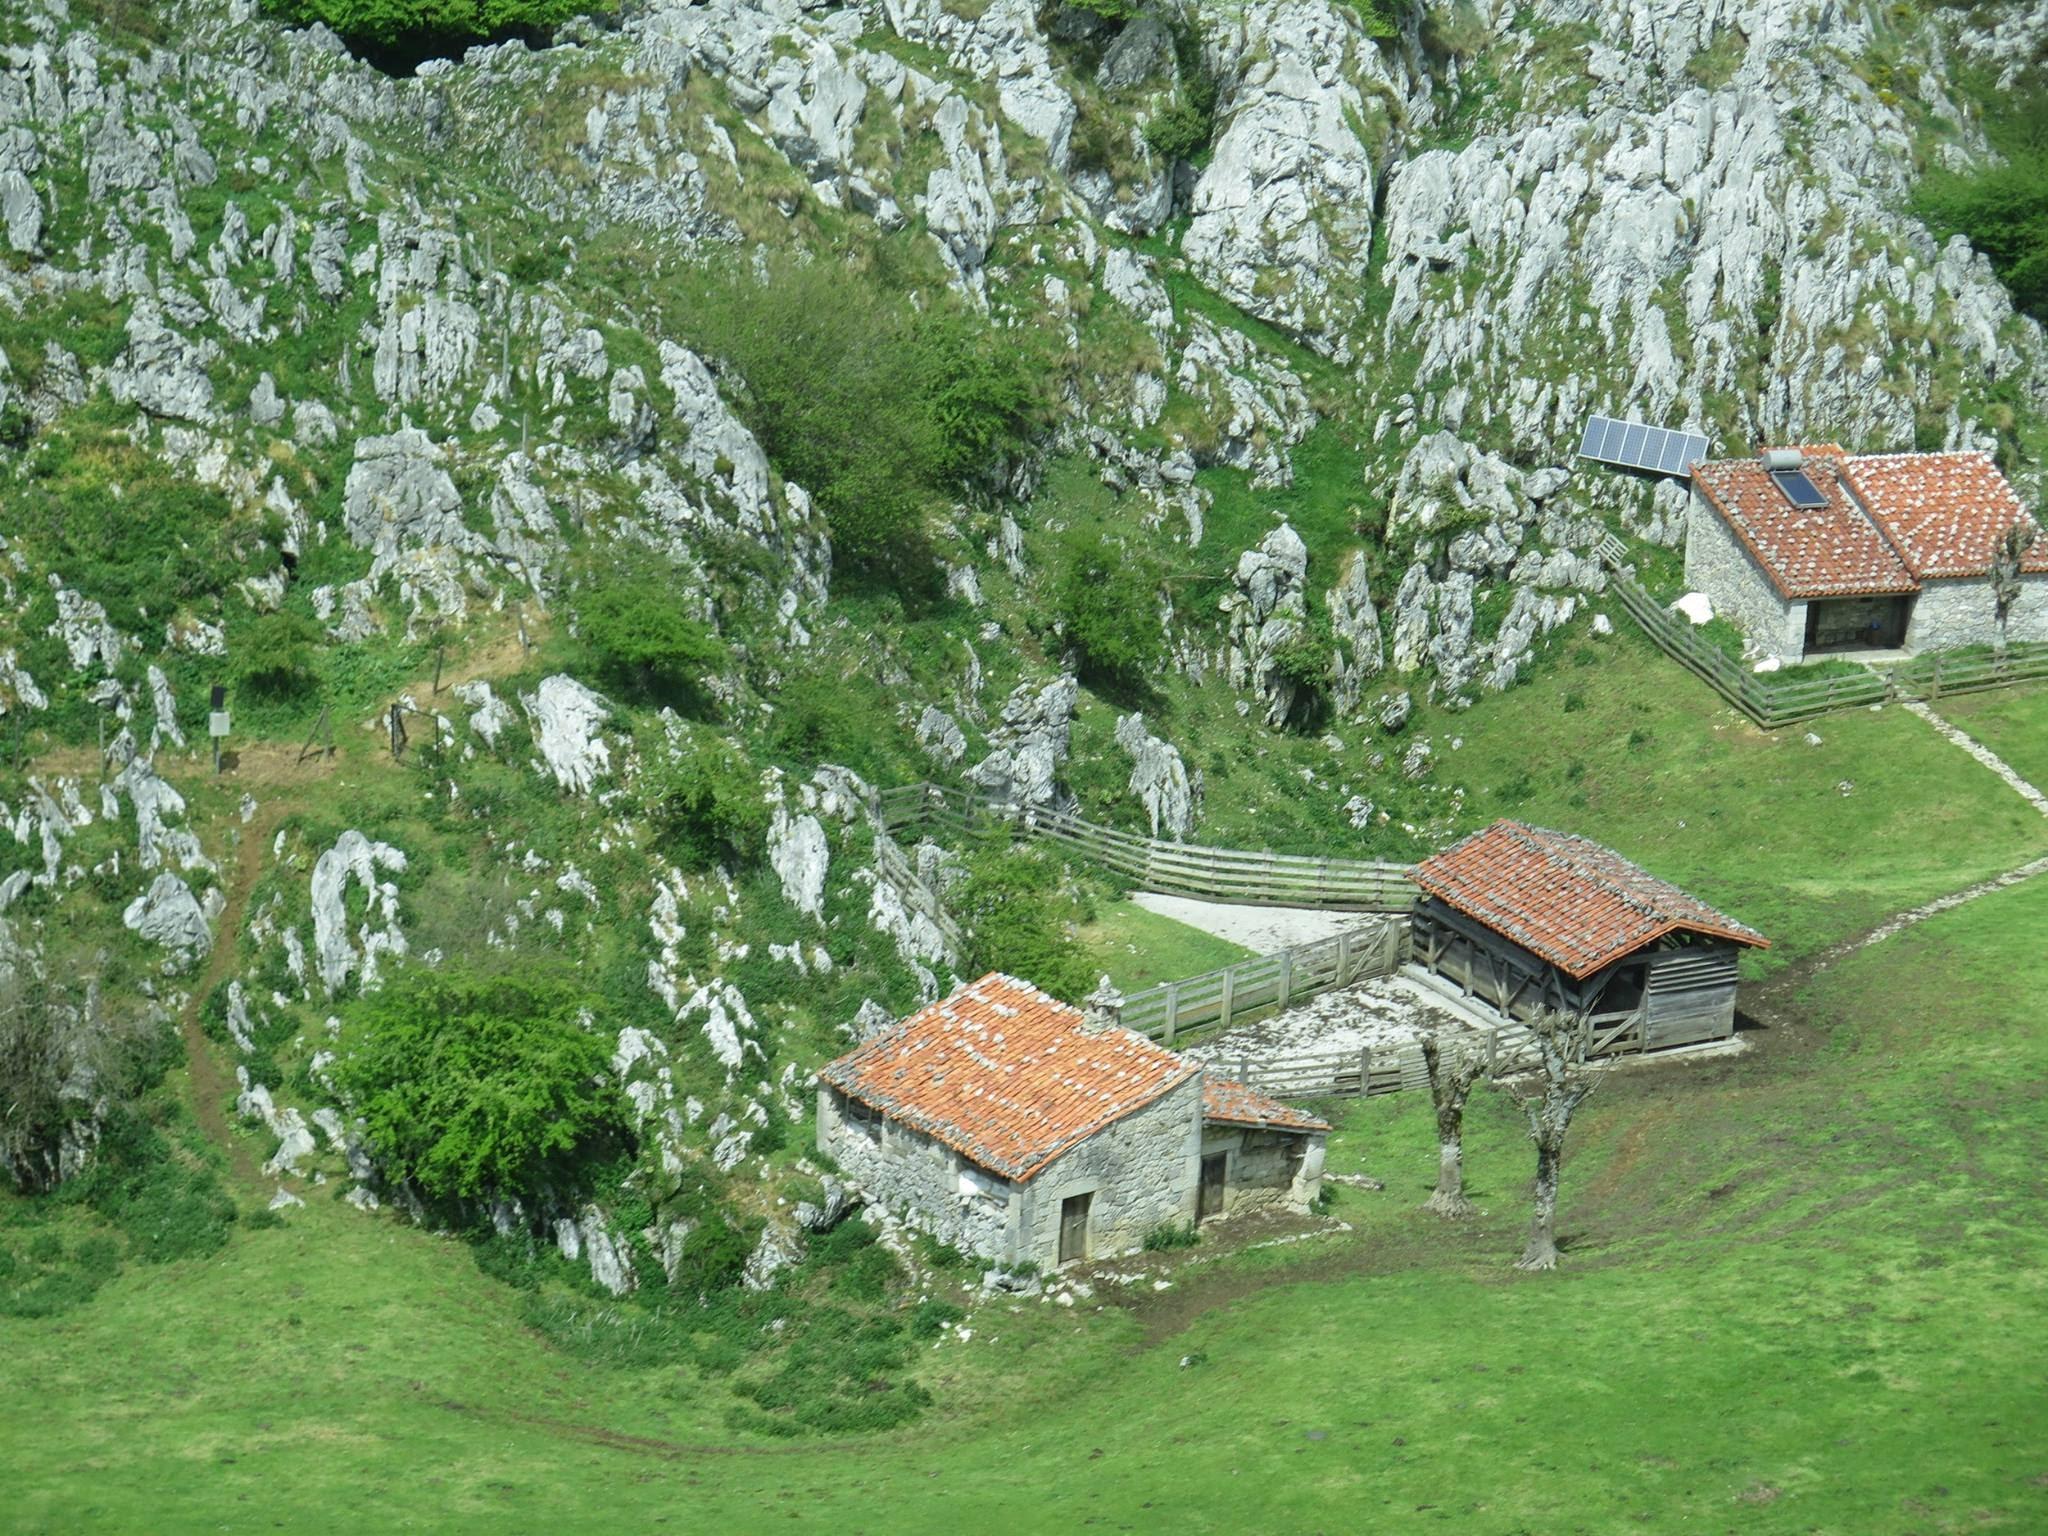 2017.05.2 y3 - Viaje Covadonga Sector Hnos. Mayores (17)